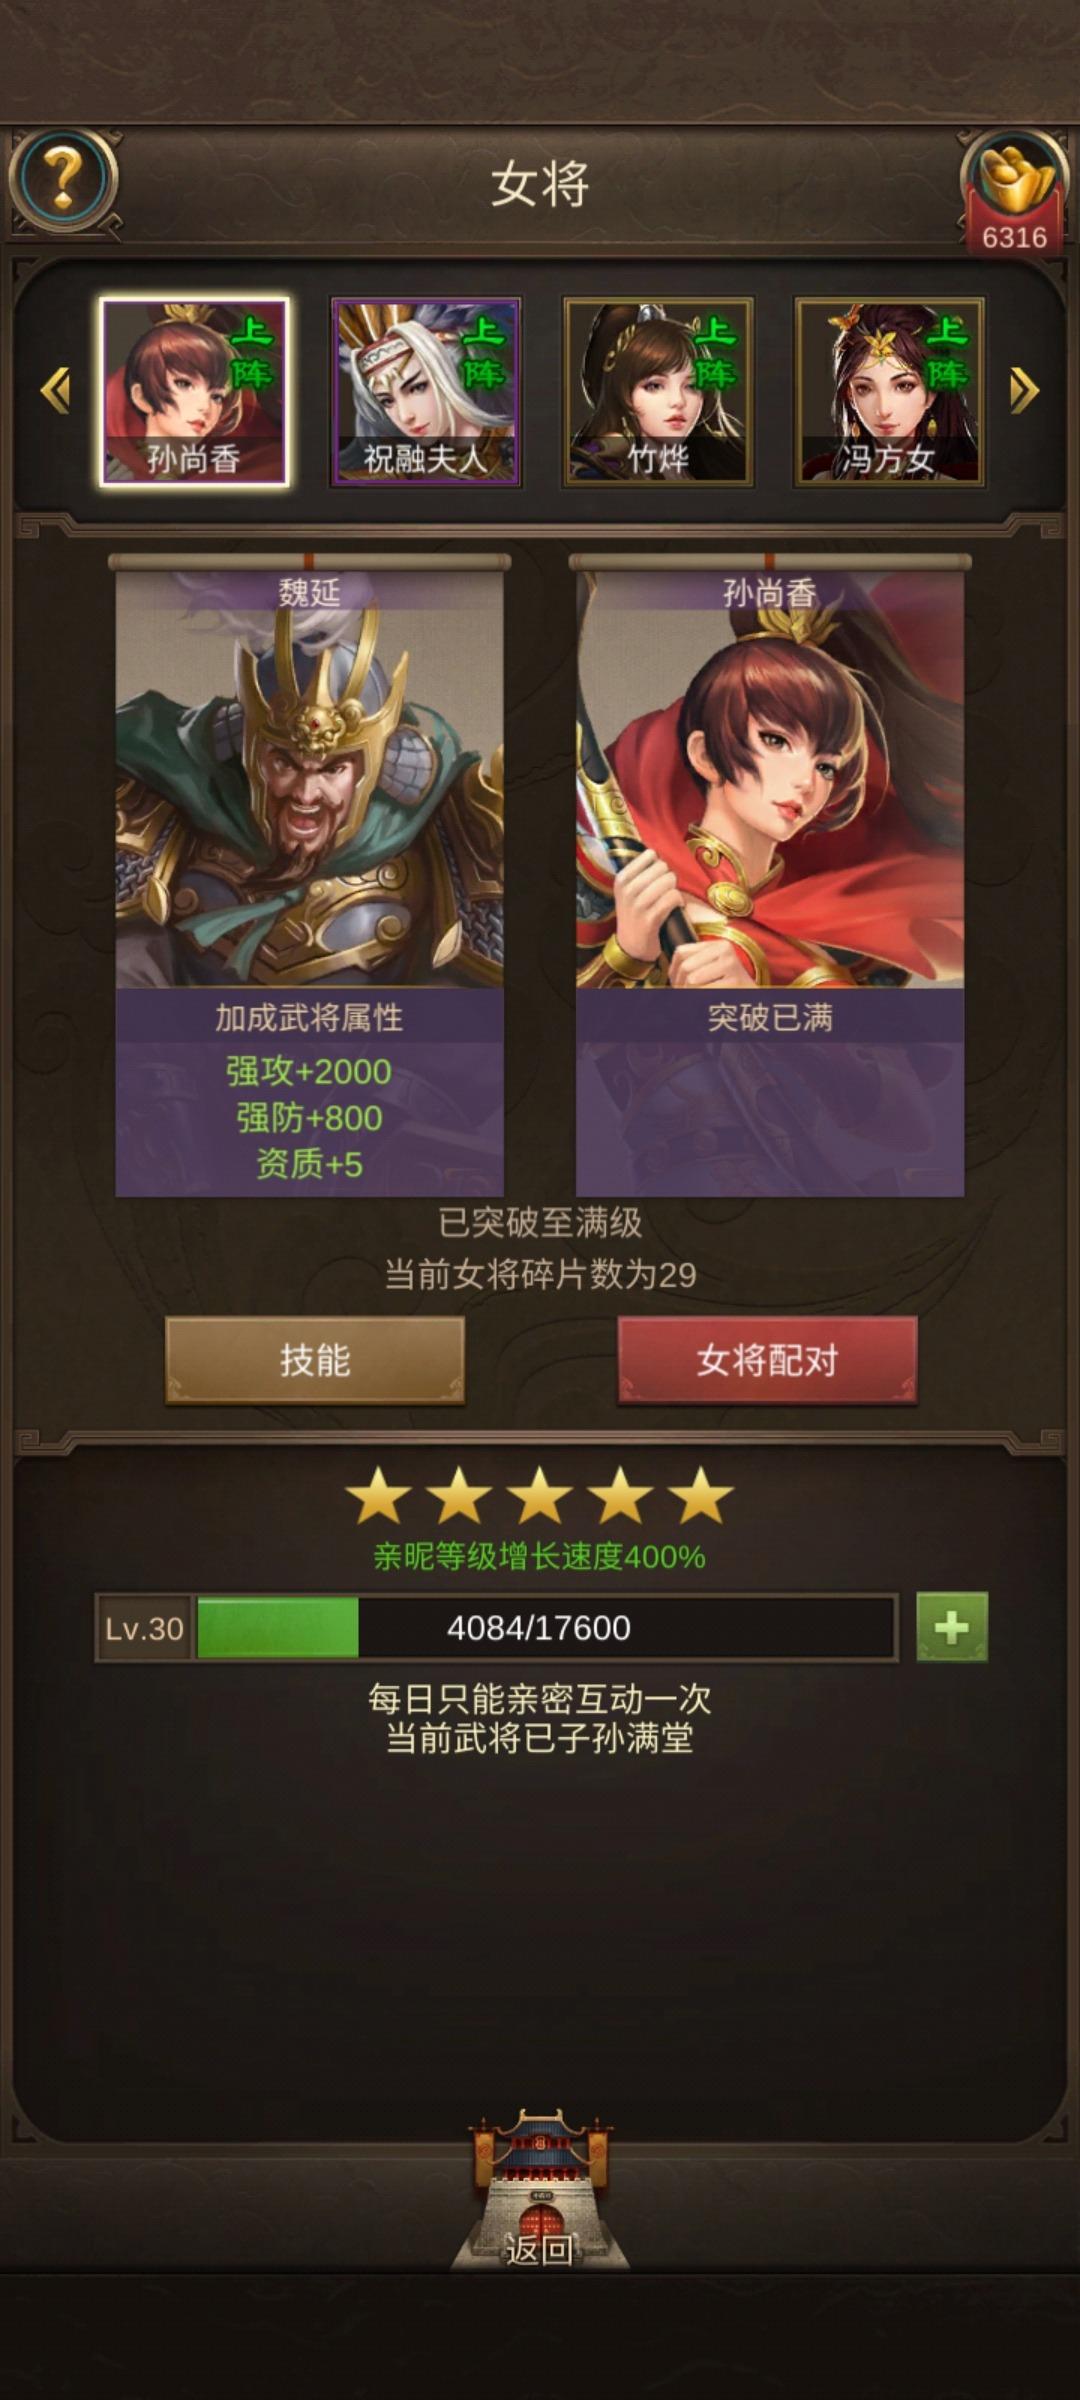 Screenshot_20210128_104250_juedi.tatuyin.rxsg.huawei.jpg